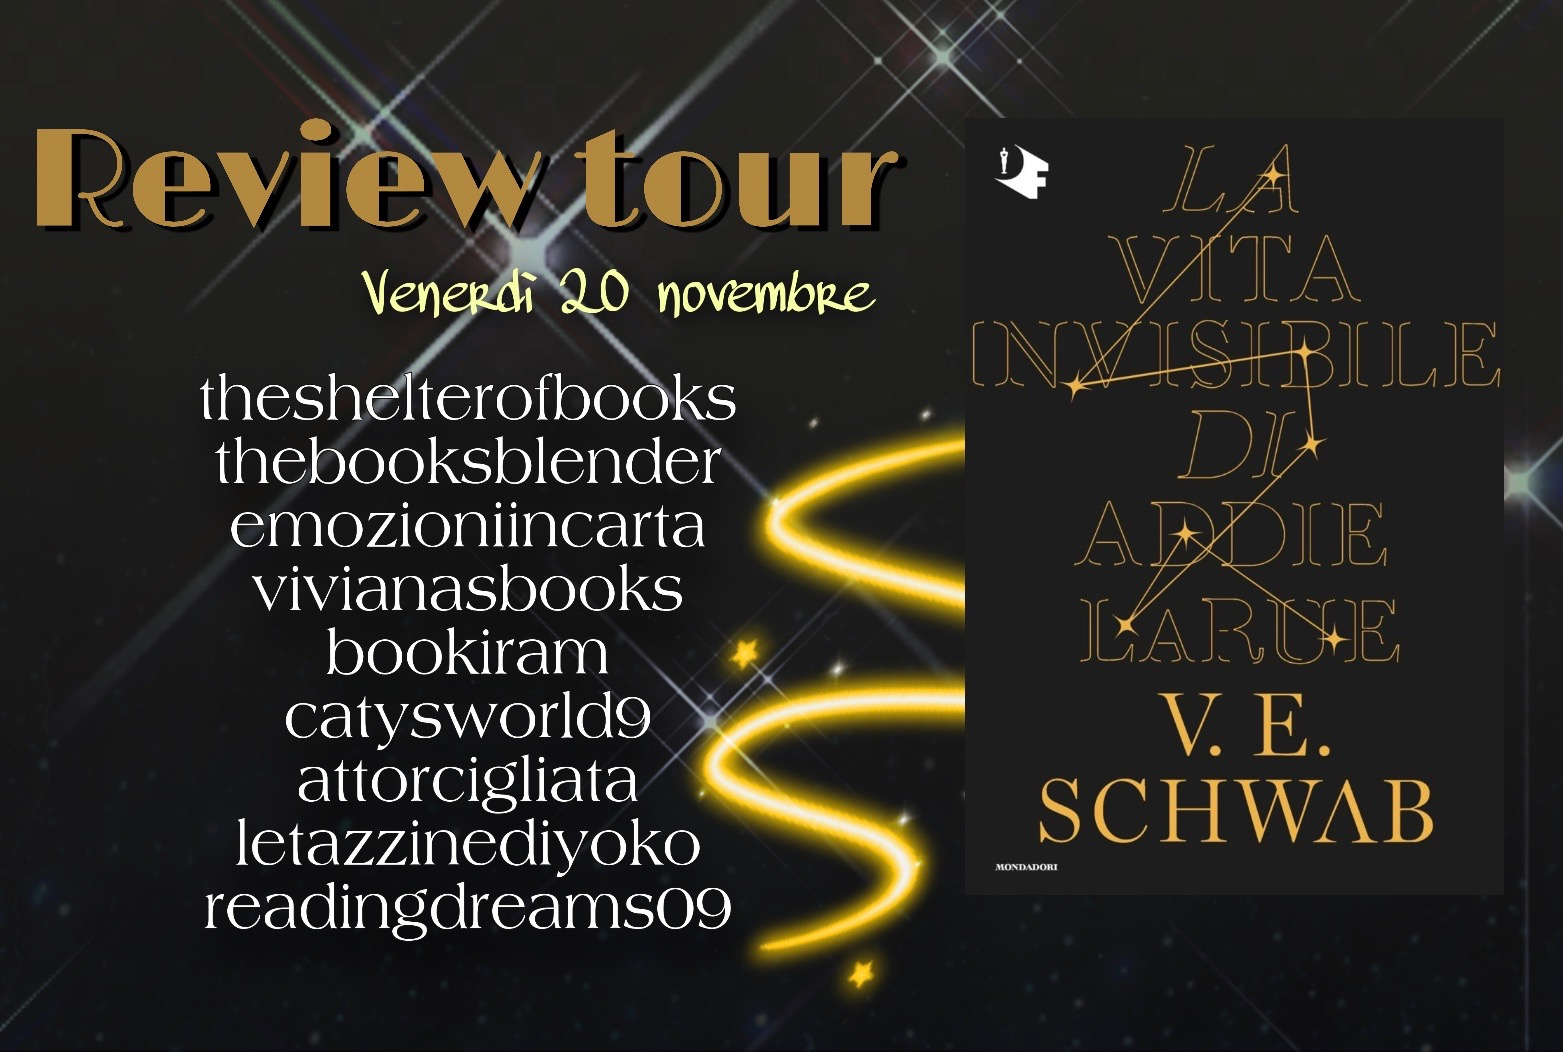 Review Tour: La vita invisibile di Addie La Rue